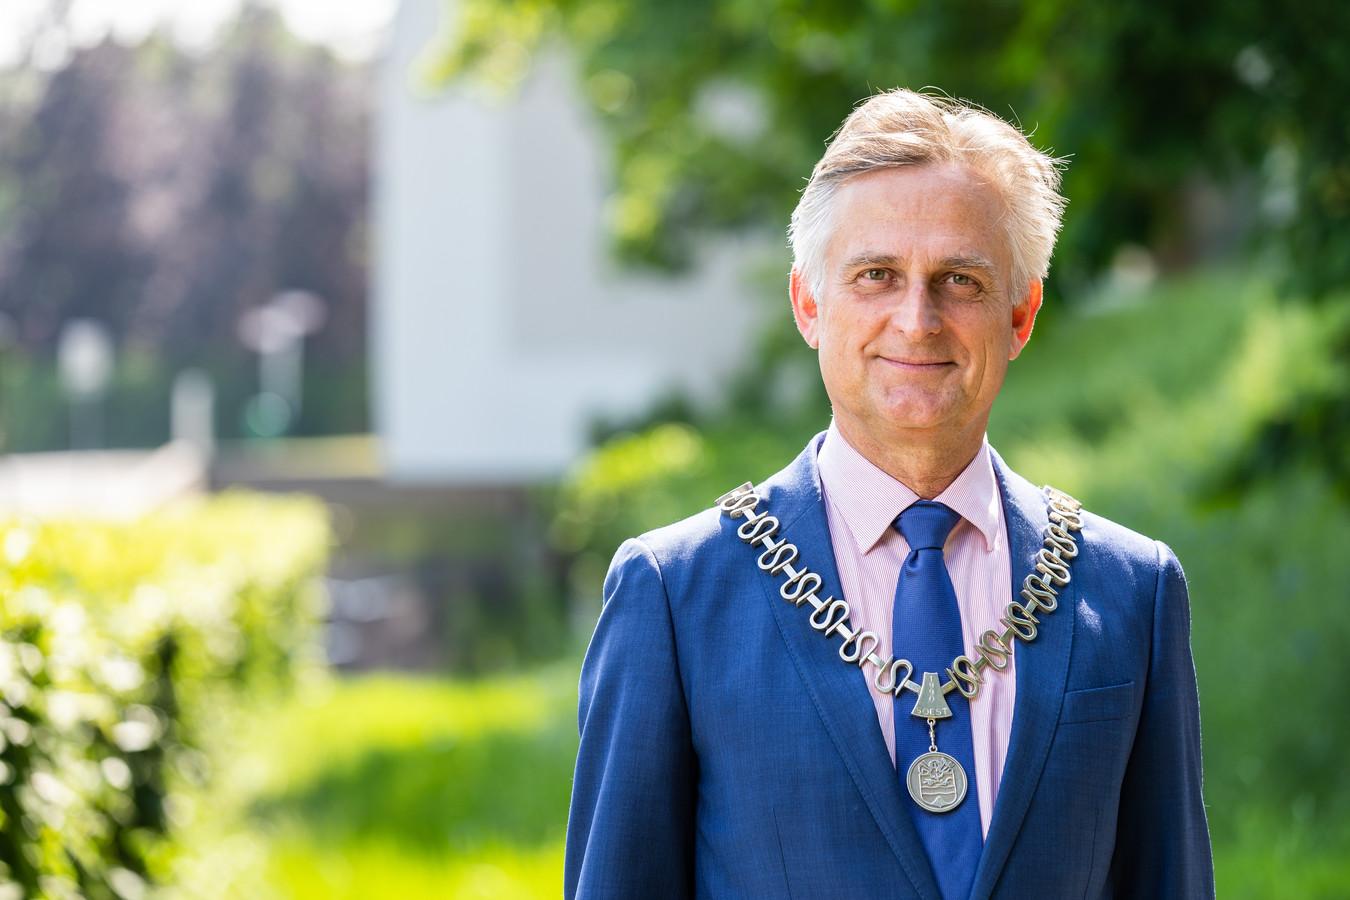 Rob Metz, burgemeester van Soest.